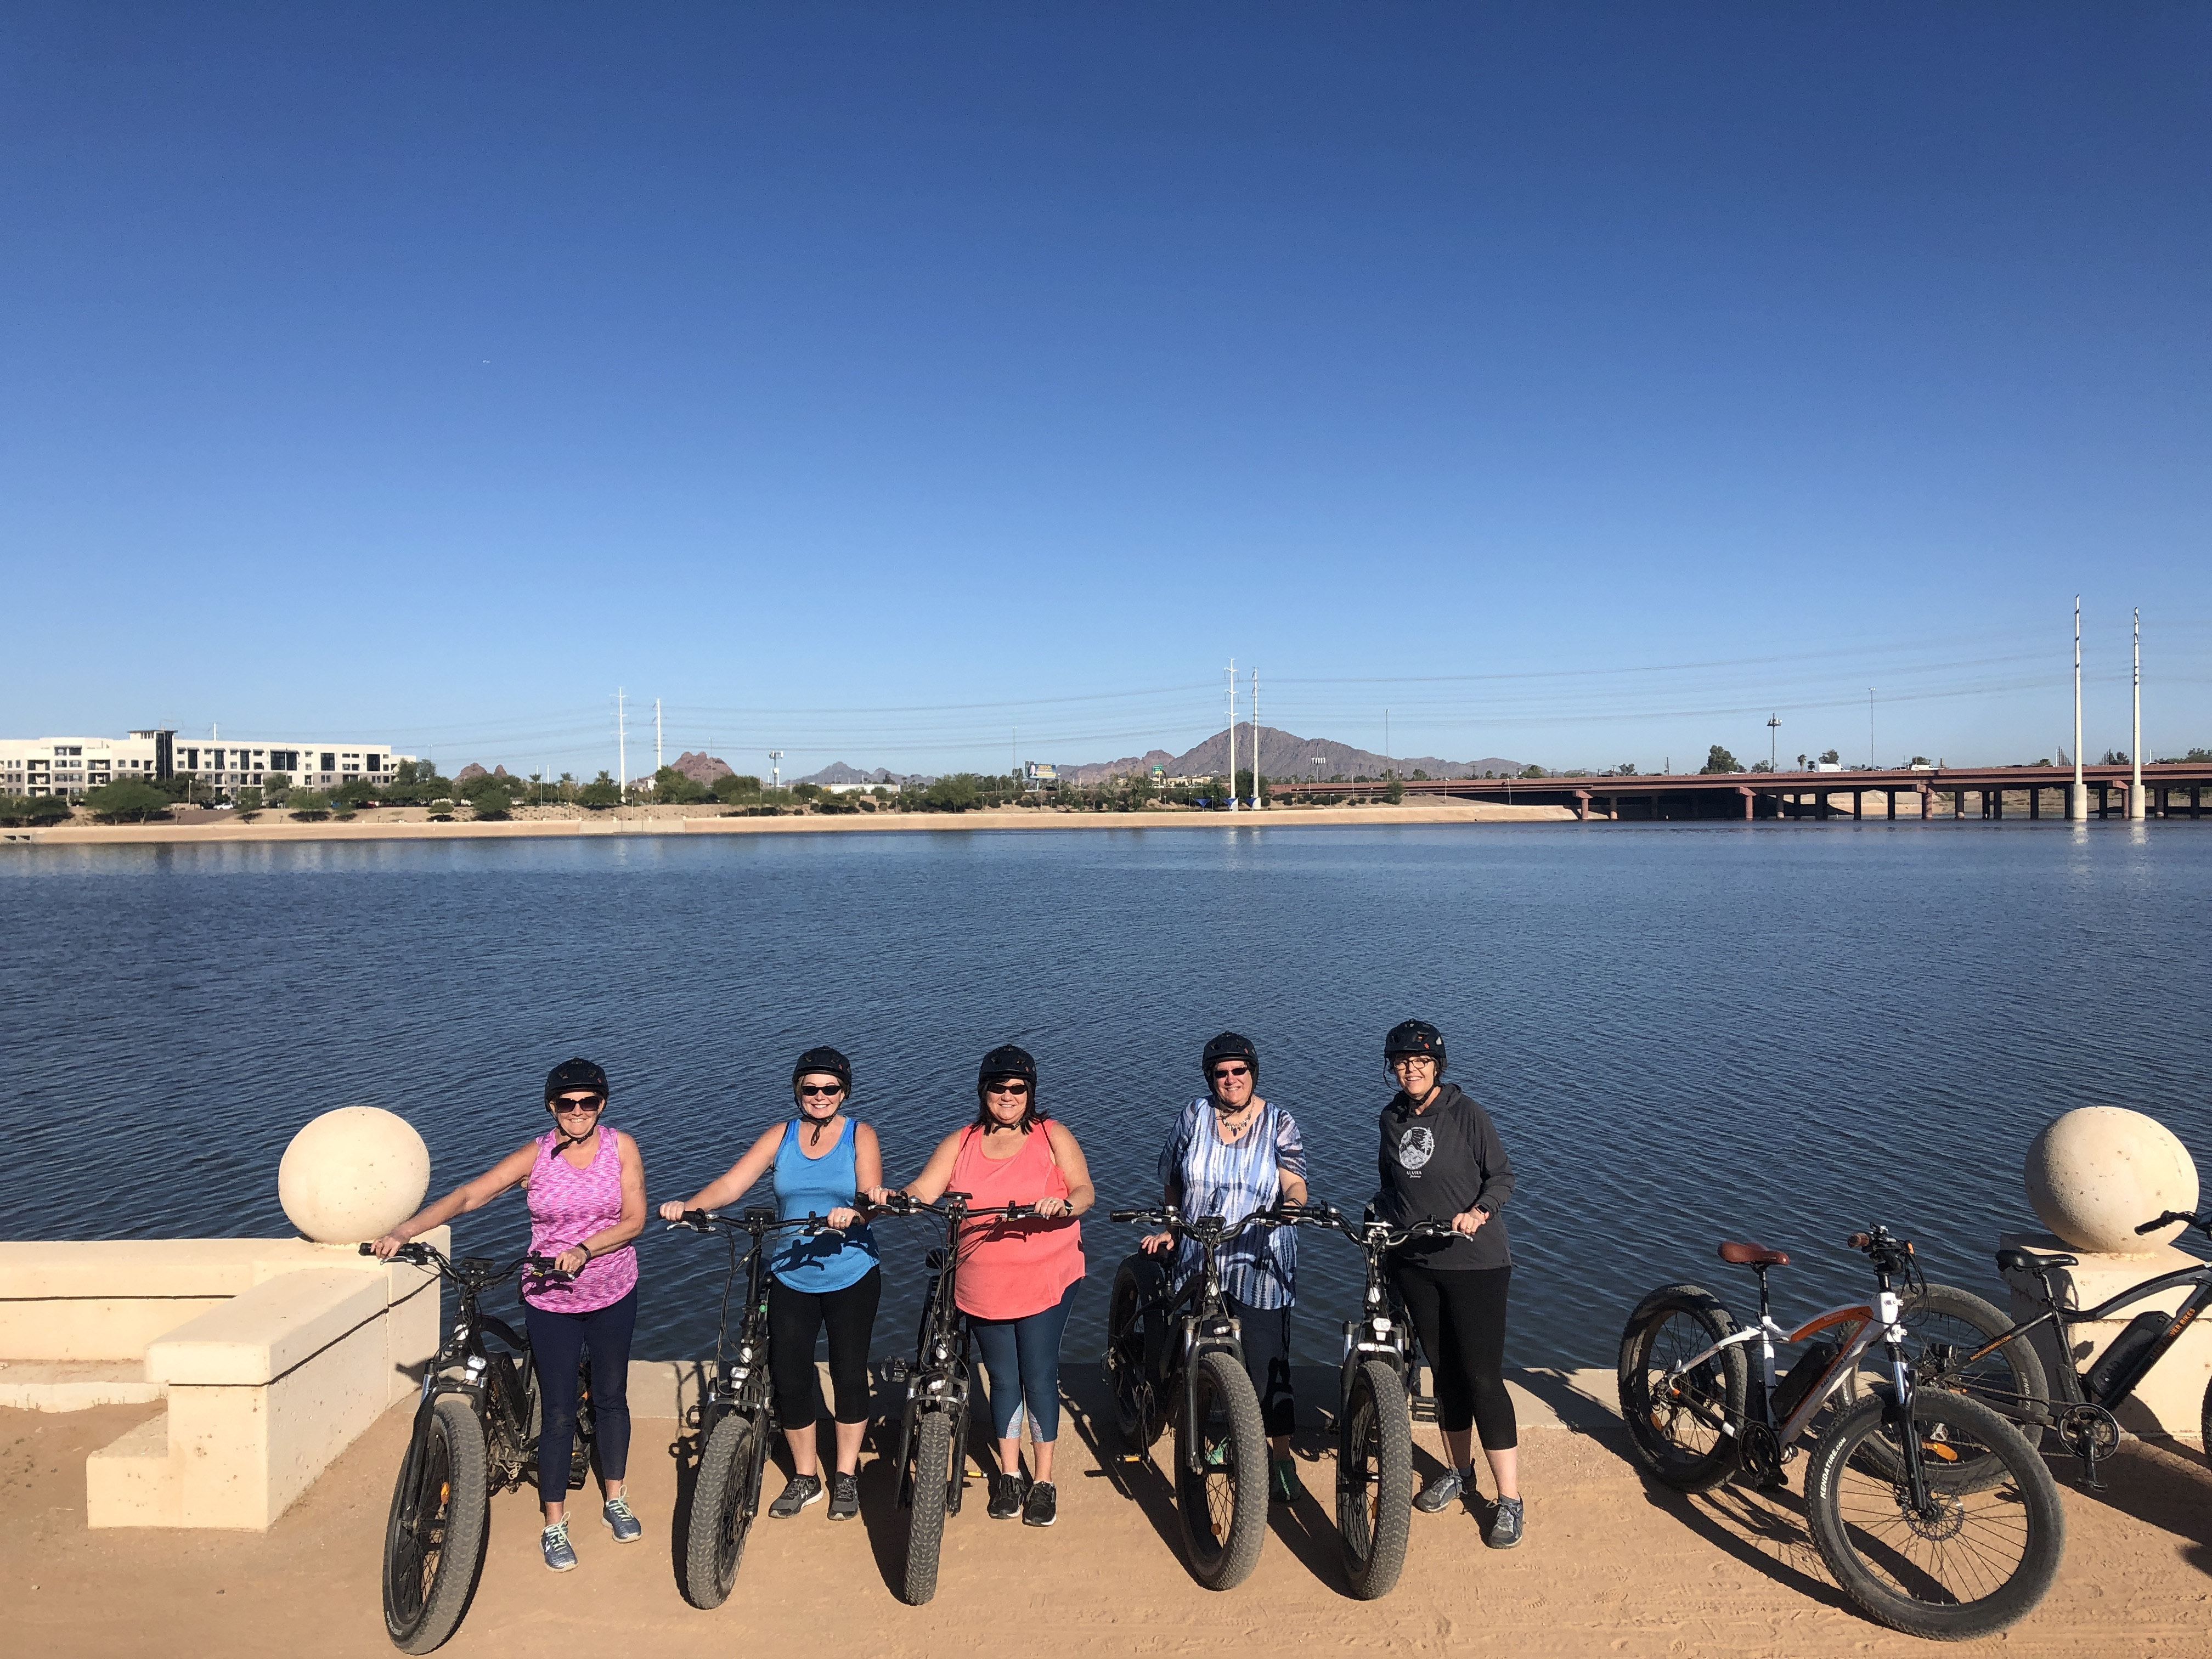 Tempe Town Lake Bike Tour